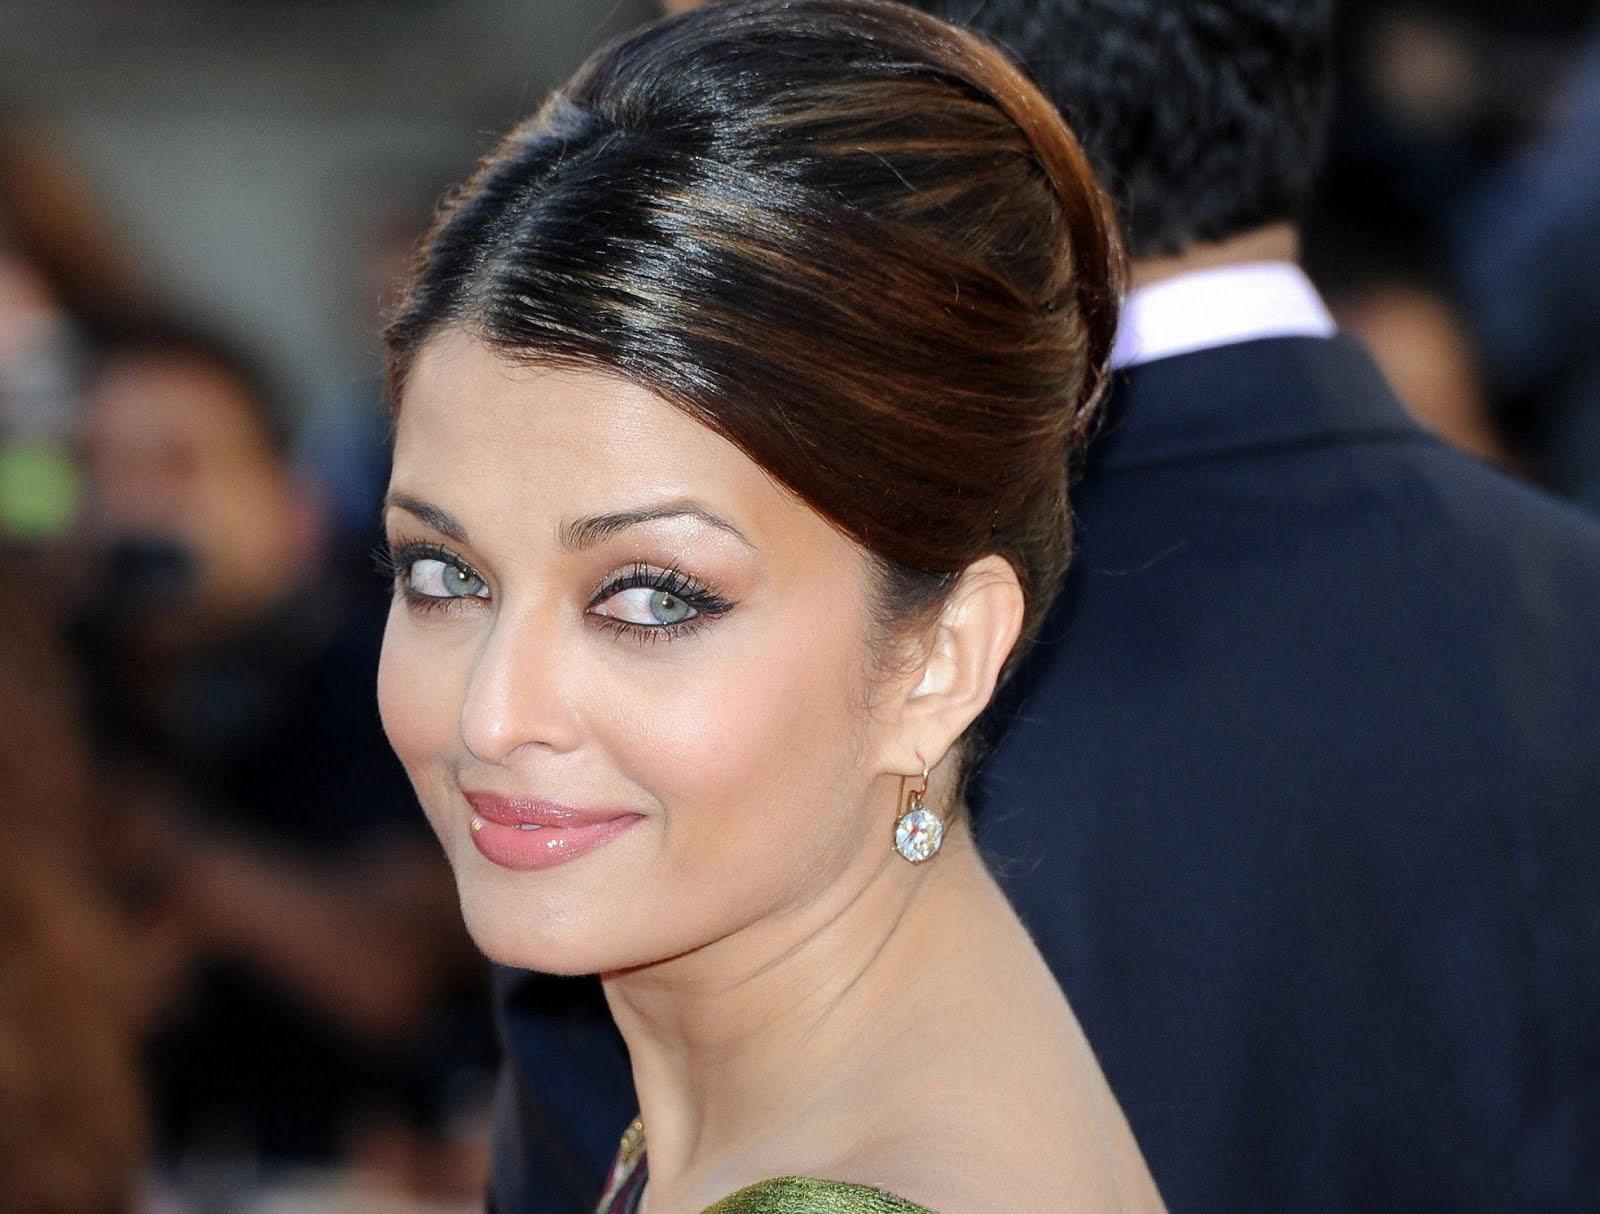 Aishwarya Rai photos, videos, latest news, Aishwarya Rai